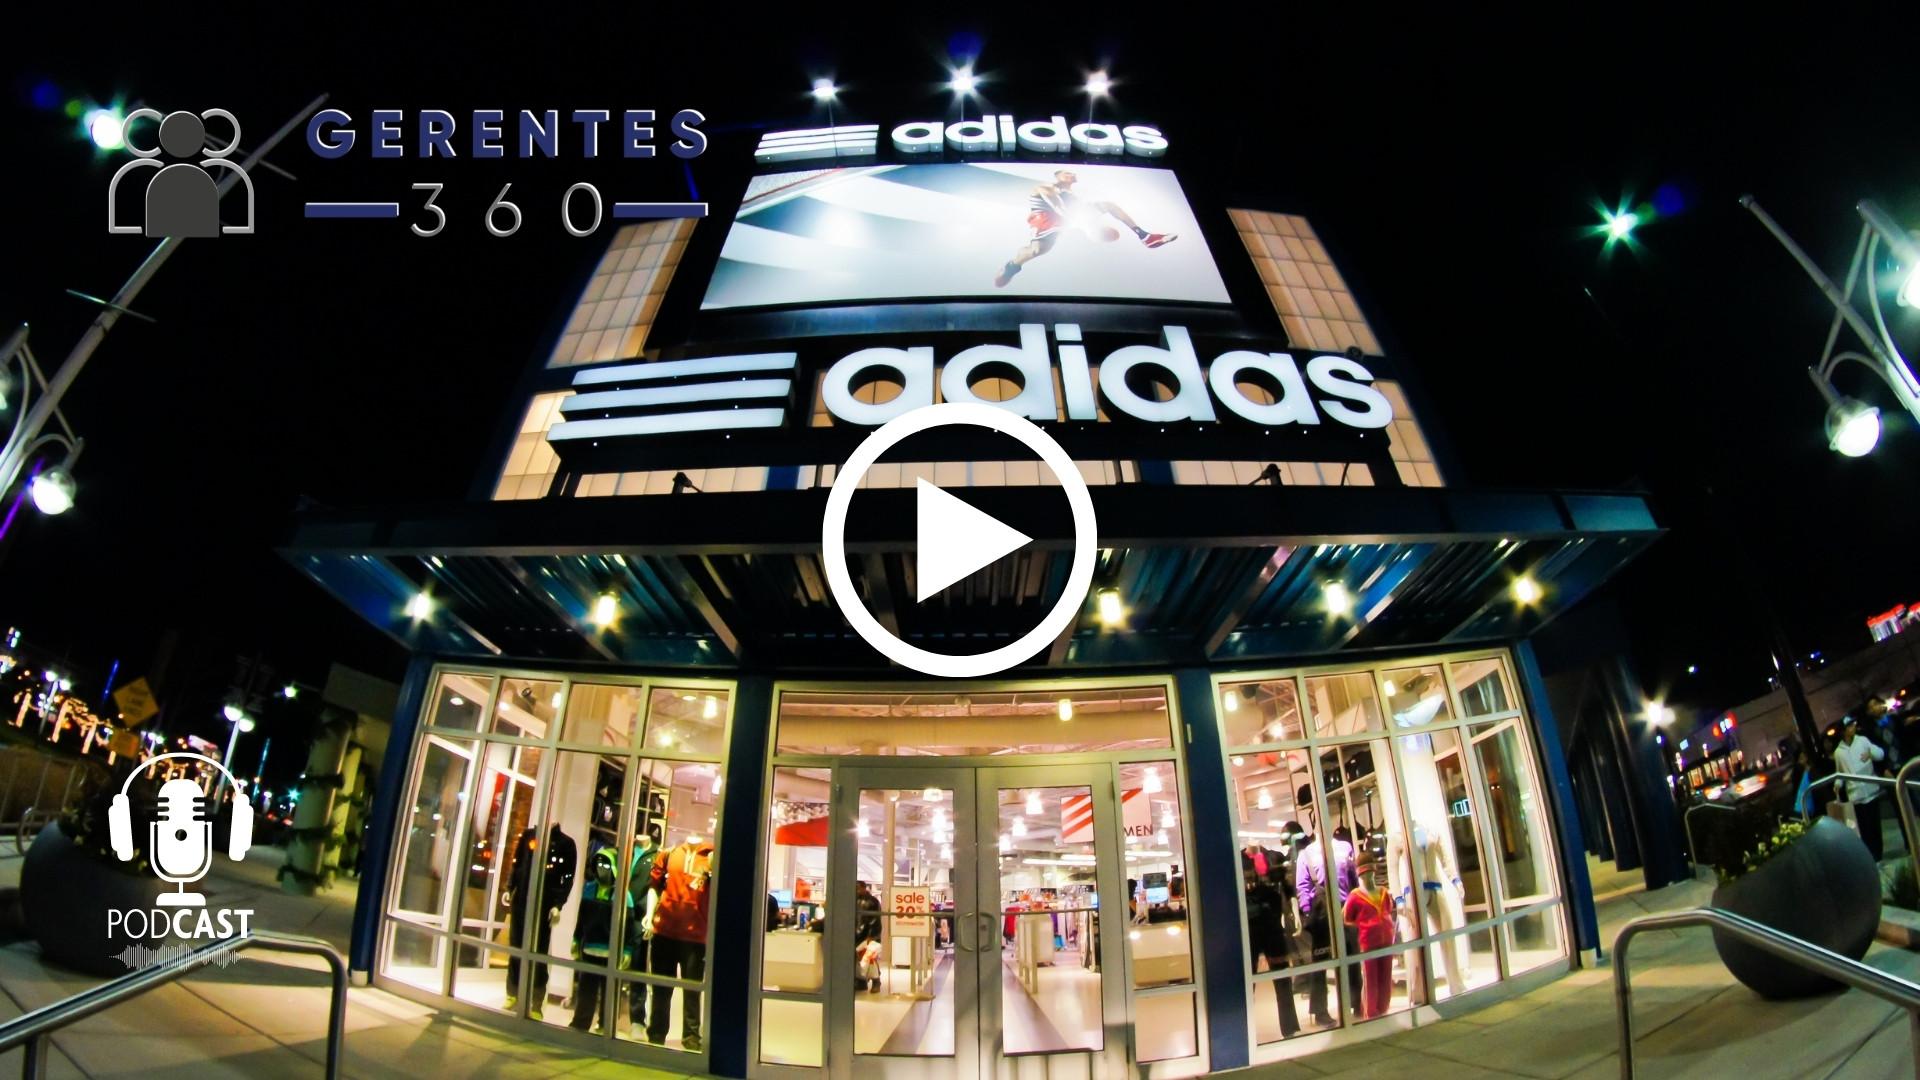 Adidas vendé a Reebok, Panasonic cierra producción de televisores en Brasil y Avianca y Viva Air anuncian nuevas rutas